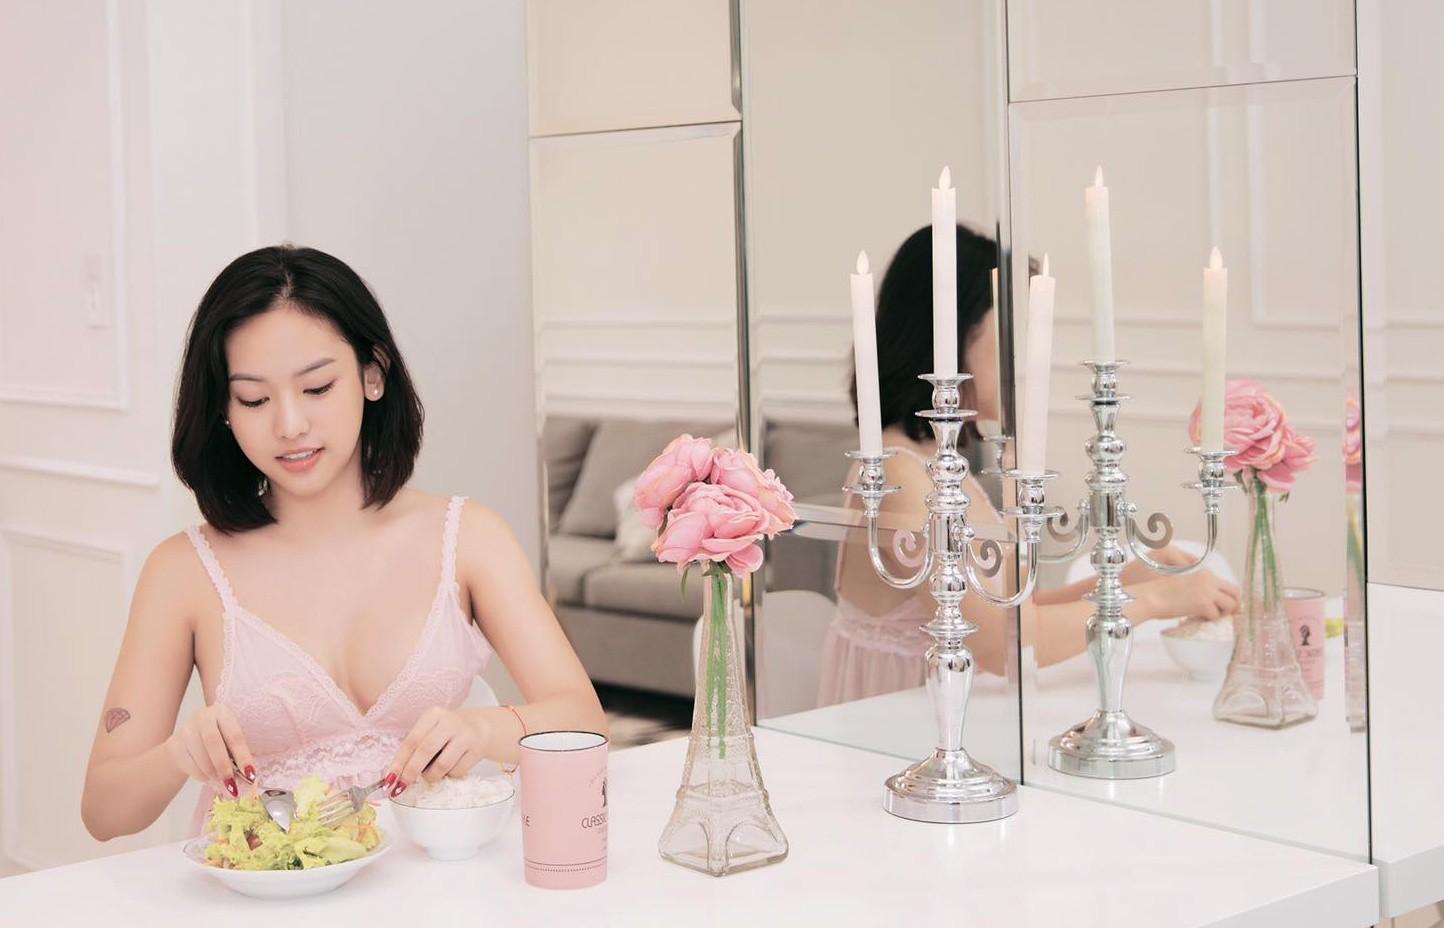 fan-day-song-khi-hot-girl-thuy-vi-phu-nhan-chuyen-yeu-dai-gia-06-